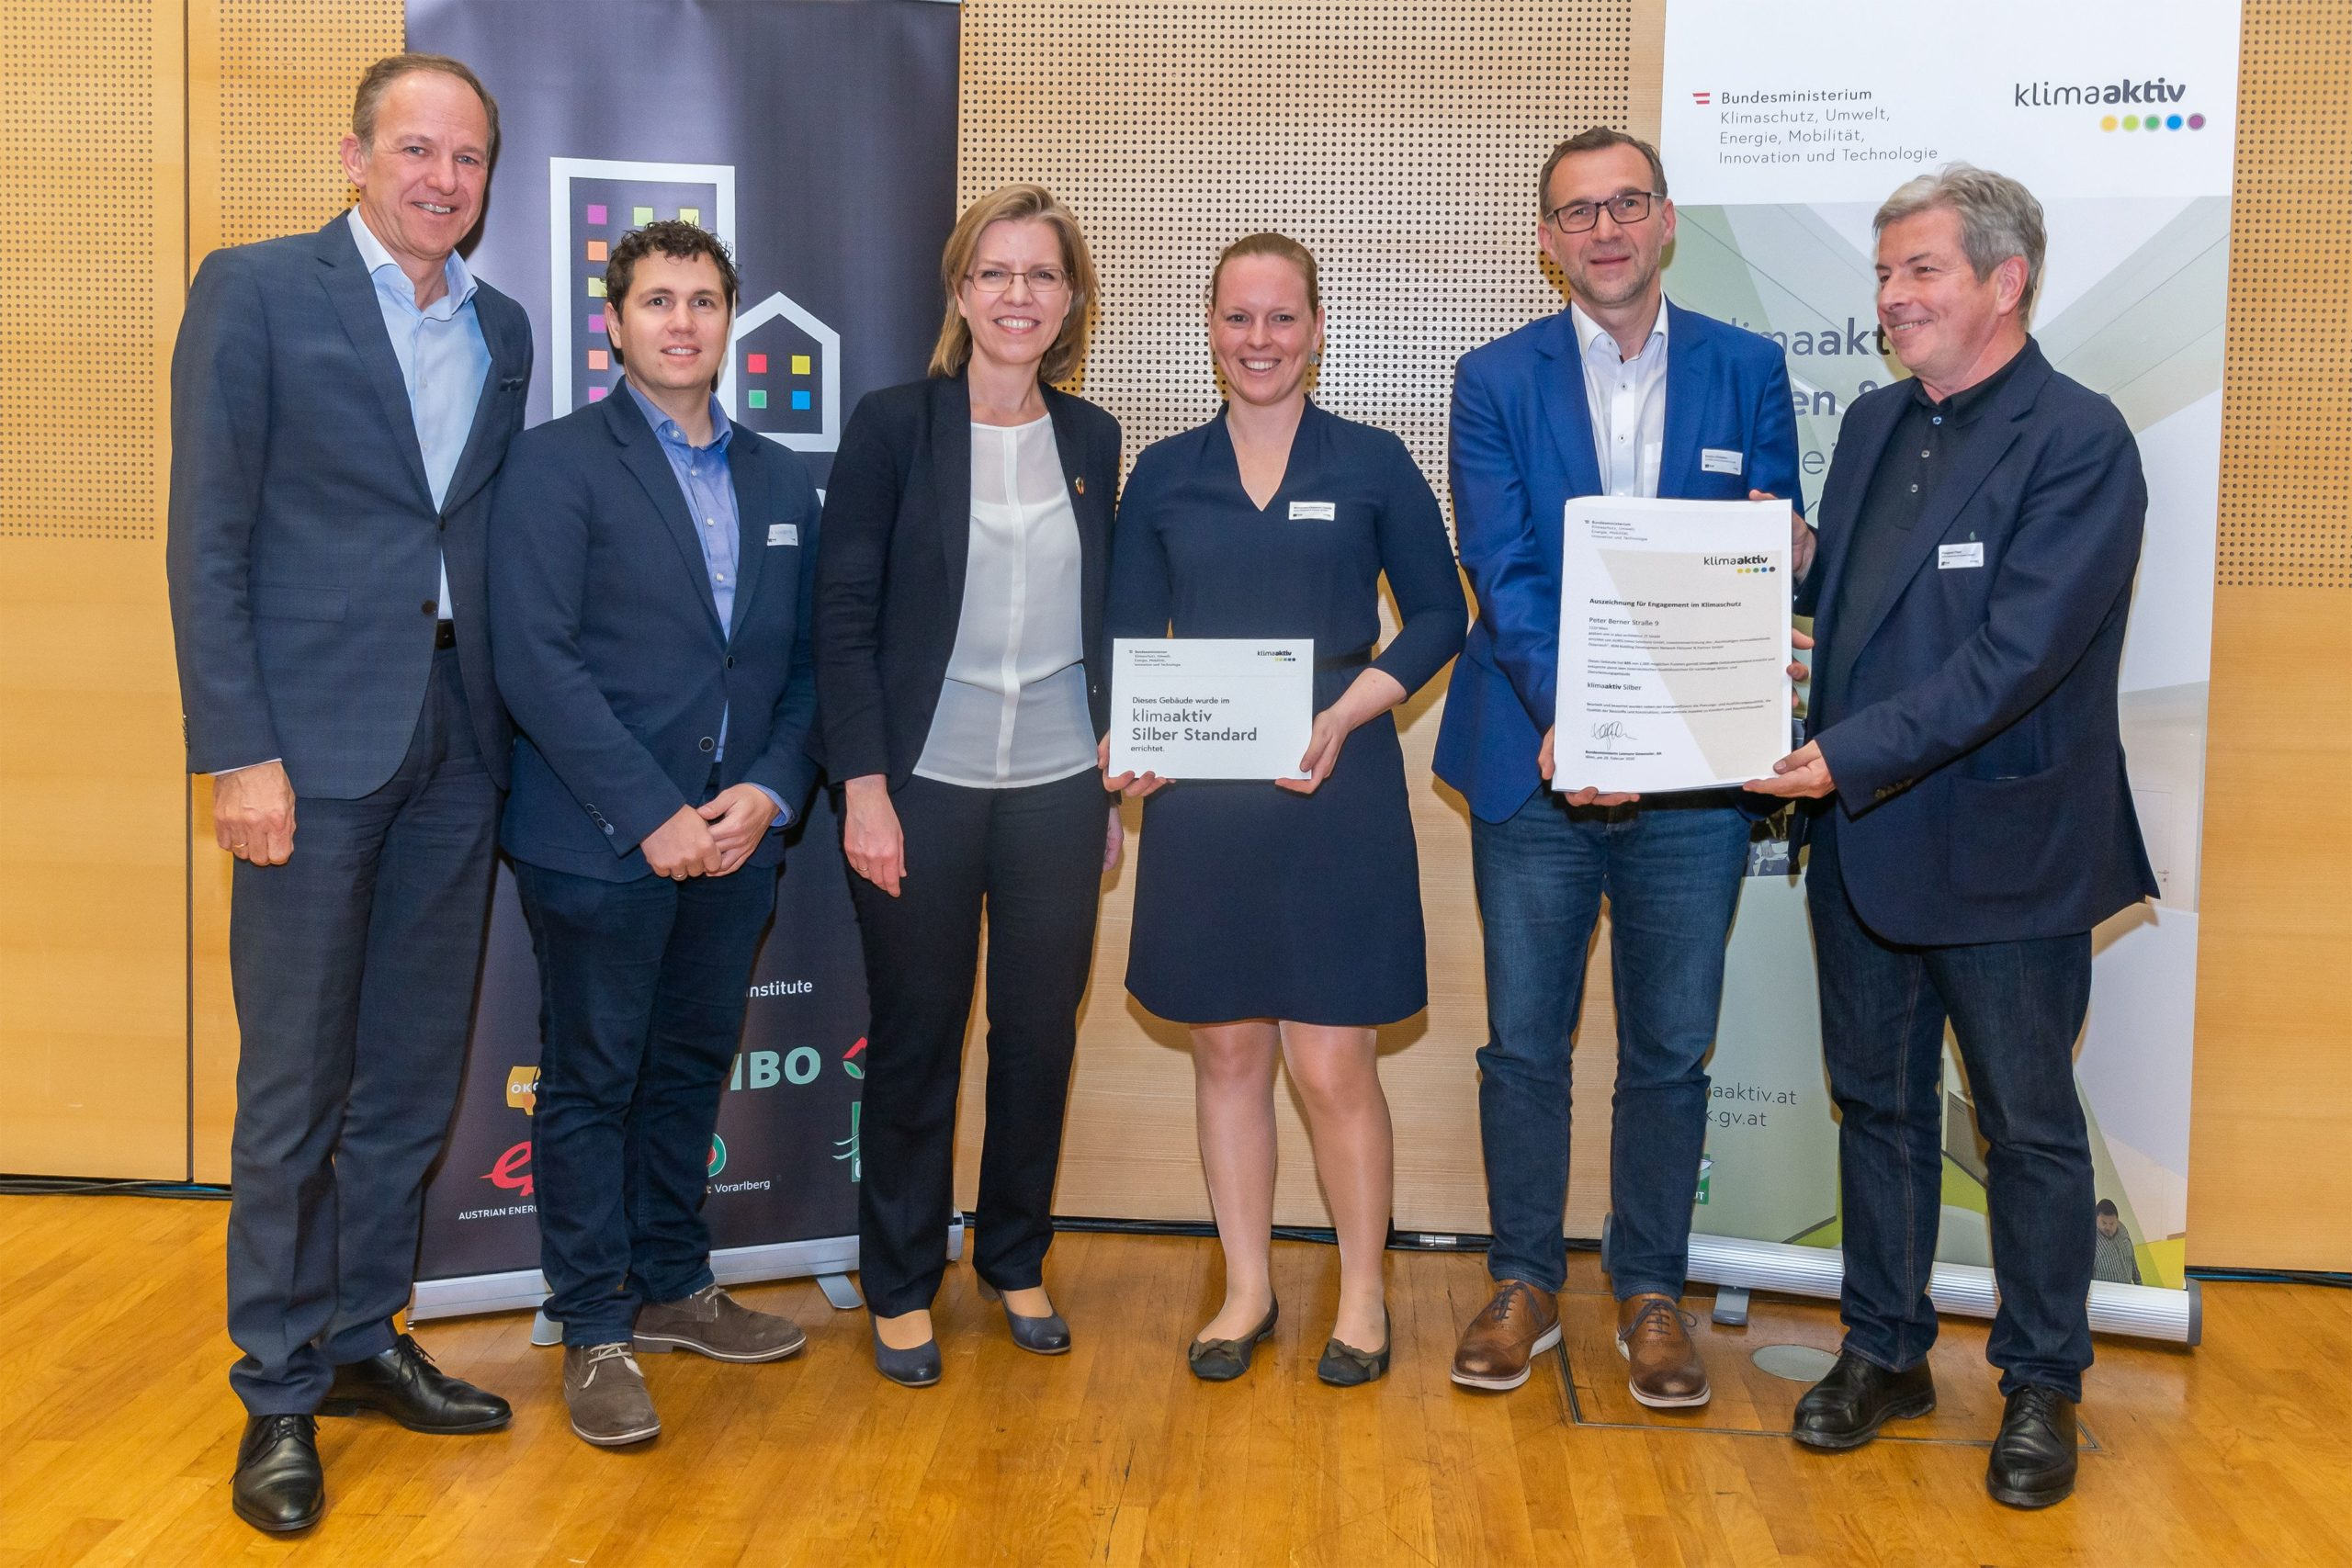 klimaaktiv und ÖGNB Auszeichnung für ökologische und energieeffiziente Gebäude